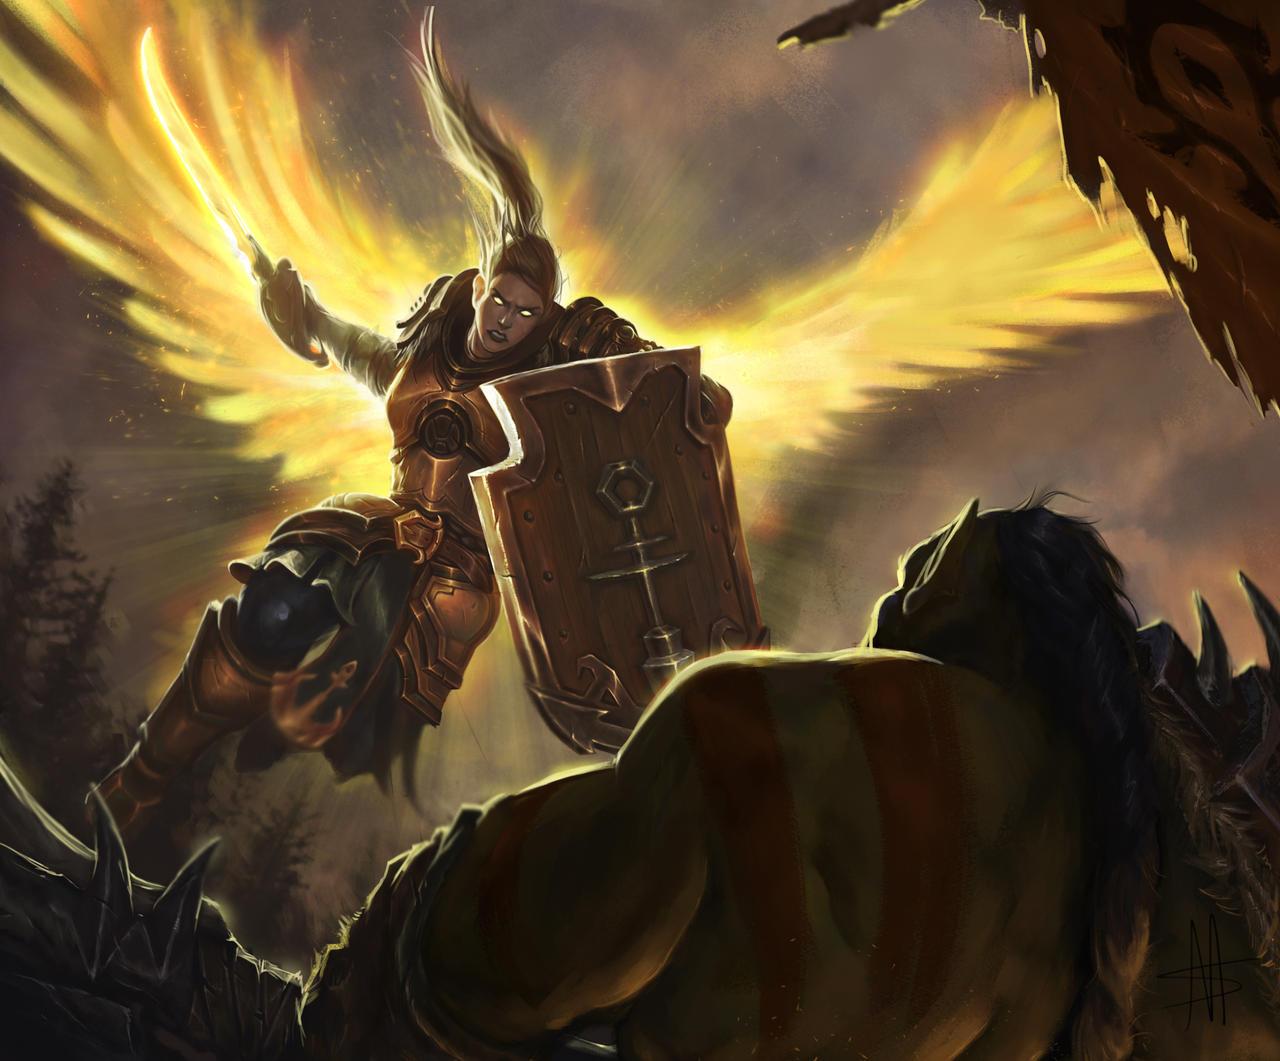 Философия в картинках - Страница 28 Battle_at_boralus_harbor_by_mirasand_dd9w2cl-fullview.jpg?token=eyJ0eXAiOiJKV1QiLCJhbGciOiJIUzI1NiJ9.eyJzdWIiOiJ1cm46YXBwOjdlMGQxODg5ODIyNjQzNzNhNWYwZDQxNWVhMGQyNmUwIiwiaXNzIjoidXJuOmFwcDo3ZTBkMTg4OTgyMjY0MzczYTVmMGQ0MTVlYTBkMjZlMCIsIm9iaiI6W1t7ImhlaWdodCI6Ijw9MTA2MSIsInBhdGgiOiJcL2ZcLzEzNjY4NzBkLWY0YTEtNGUyYy1hOTUyLTFkZDc5ODQ3Nzc5Y1wvZGQ5dzJjbC03MWU4OWZiMC0zNzQ2LTRmNWItOTY2Yy01NDc1NmYyNWFiNmIuanBnIiwid2lkdGgiOiI8PTEyODAifV1dLCJhdWQiOlsidXJuOnNlcnZpY2U6aW1hZ2Uub3BlcmF0aW9ucyJdfQ